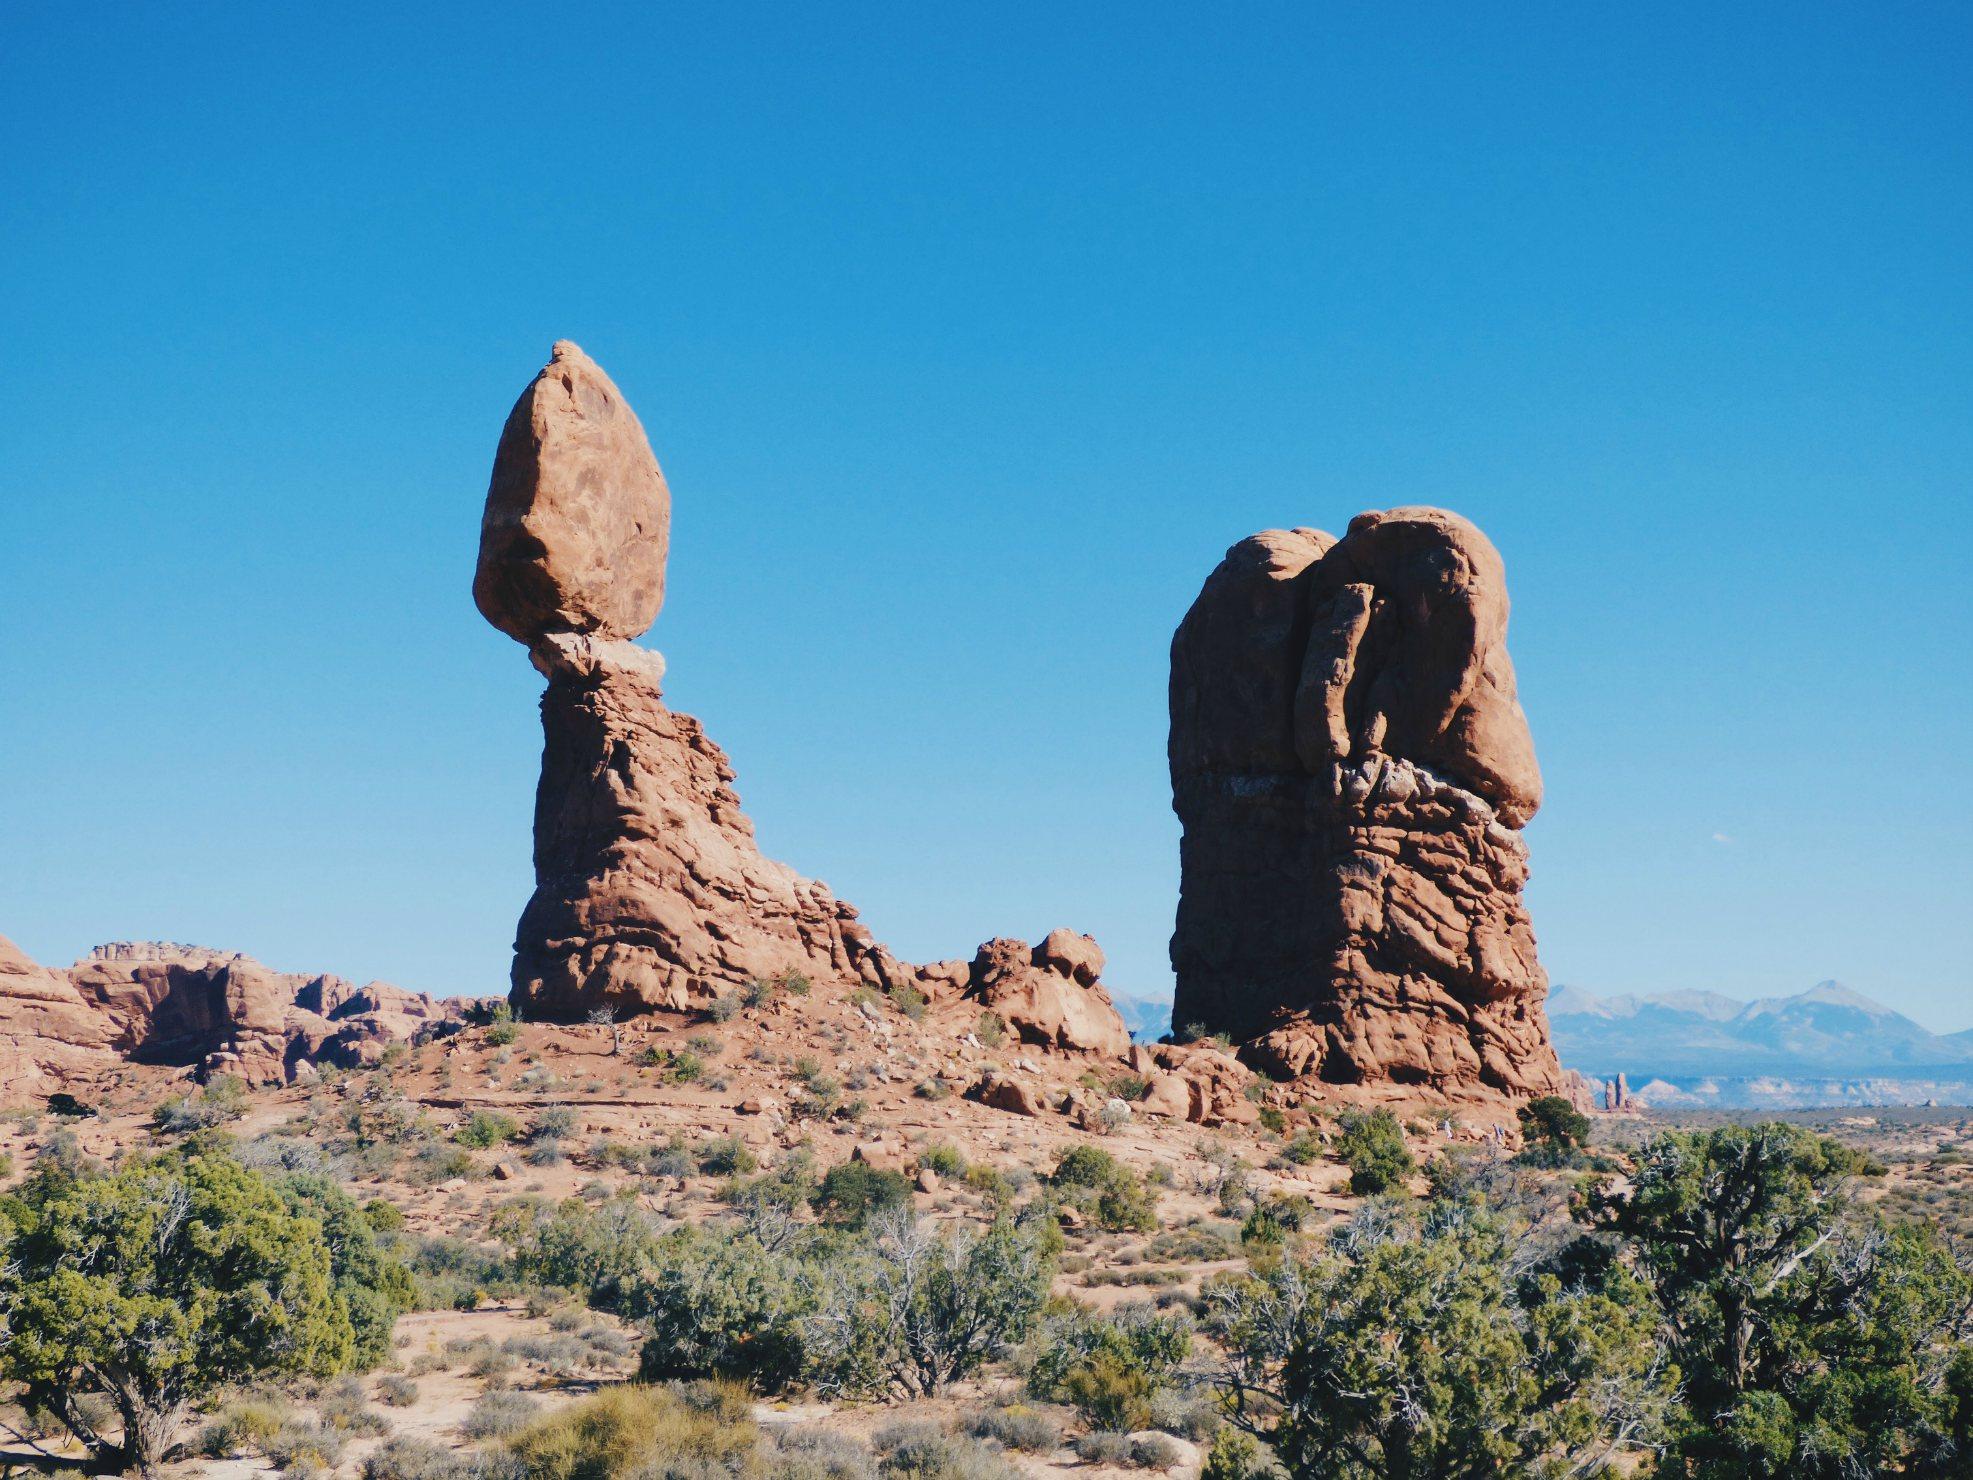 Tämä kuva on Arches National Parkista jonne emme tällä kertaa mene. Mutta näitä kivimuodostelmia ja hoodooita Utahissa riittää.